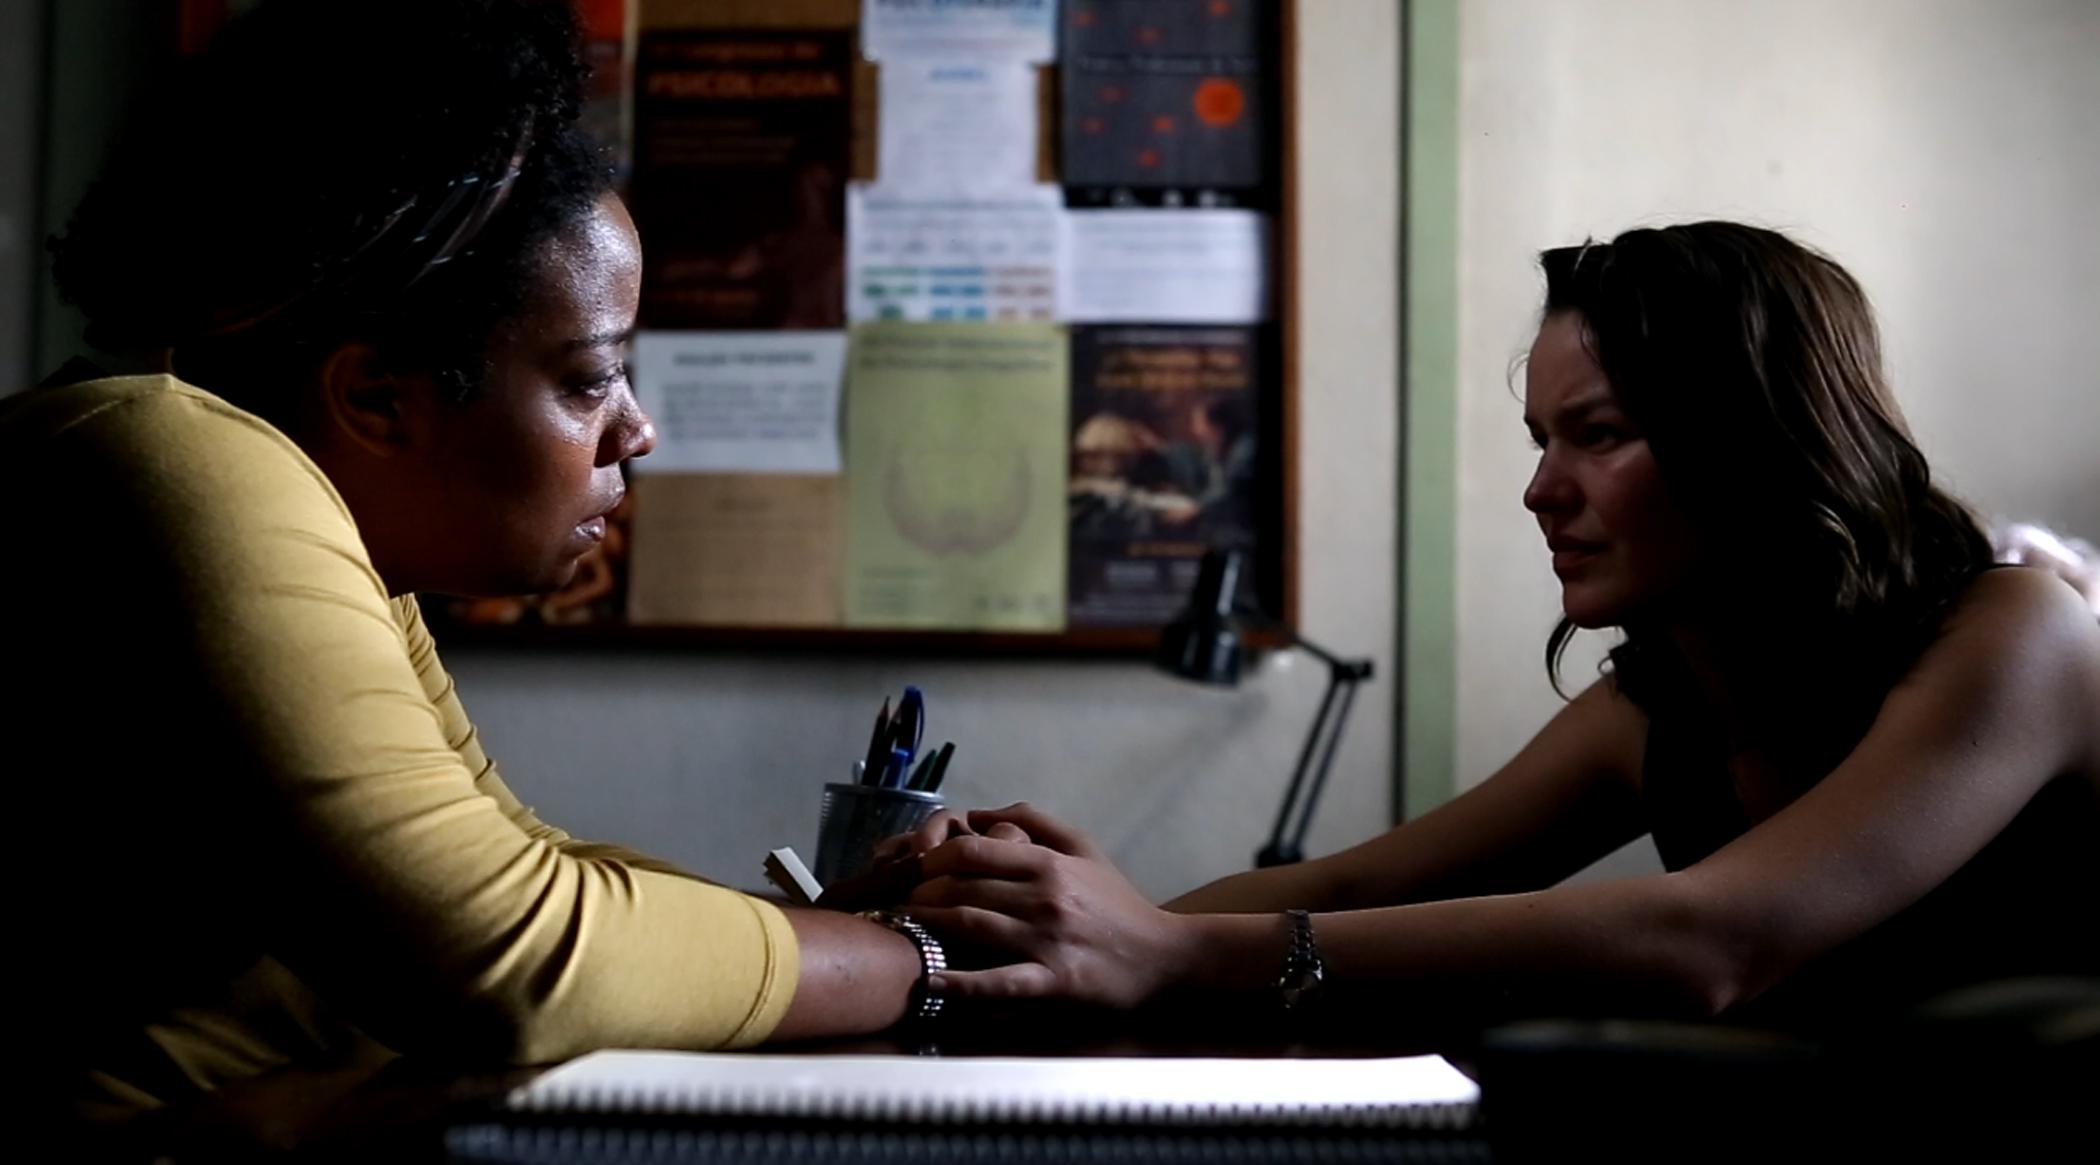 Sentadas uma de frente para a outra estão Glória à esquerda e Camila à direita. Há uma mesa entre as duas, que esticam os braços e unem as suas mãos.